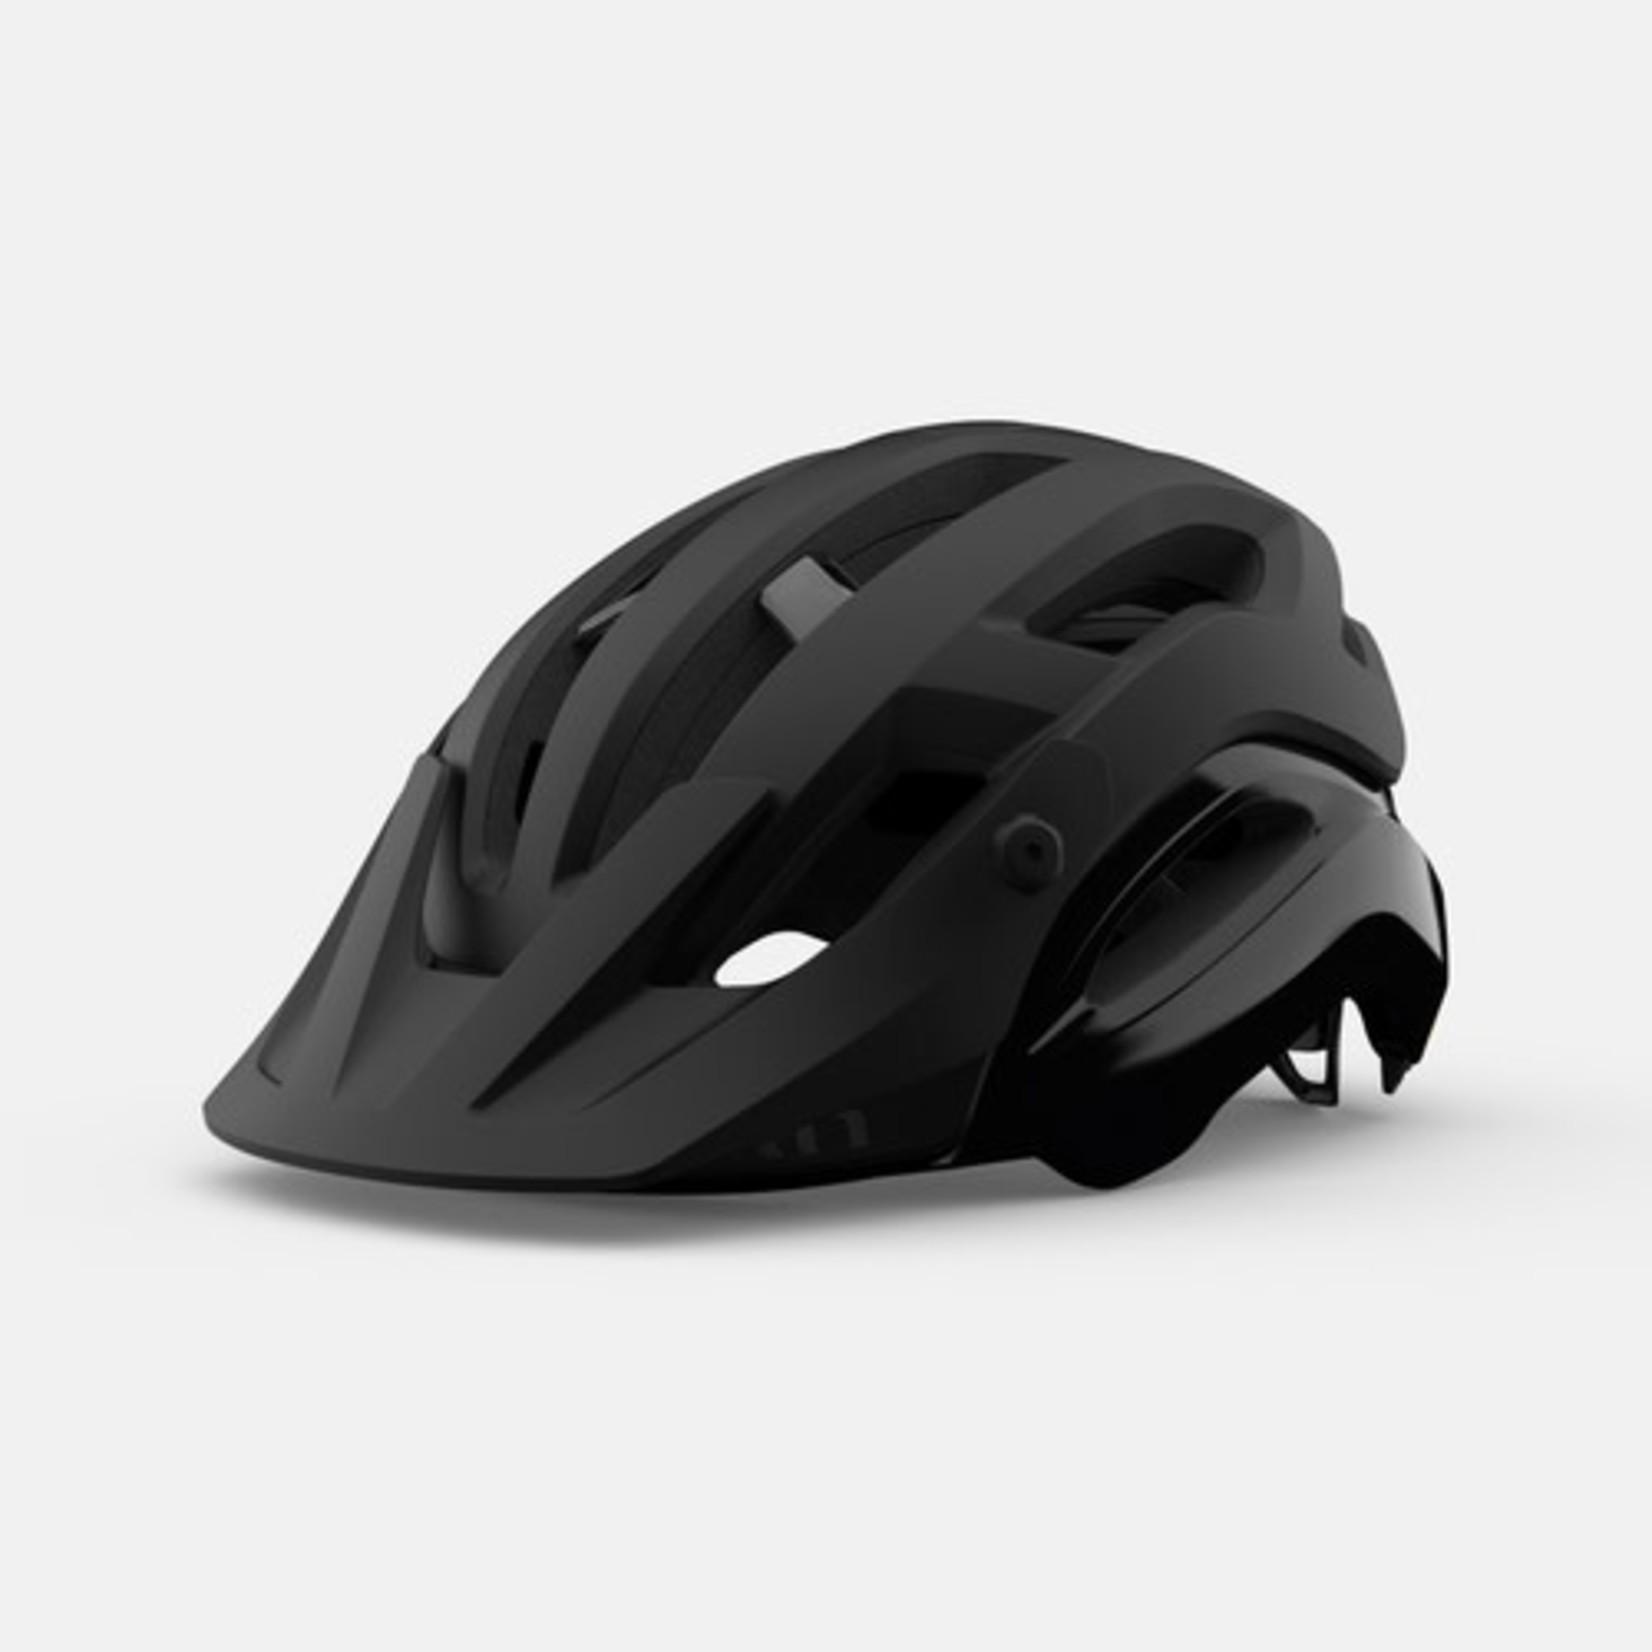 Giro Giro Manifest Spherical Matte Black LG